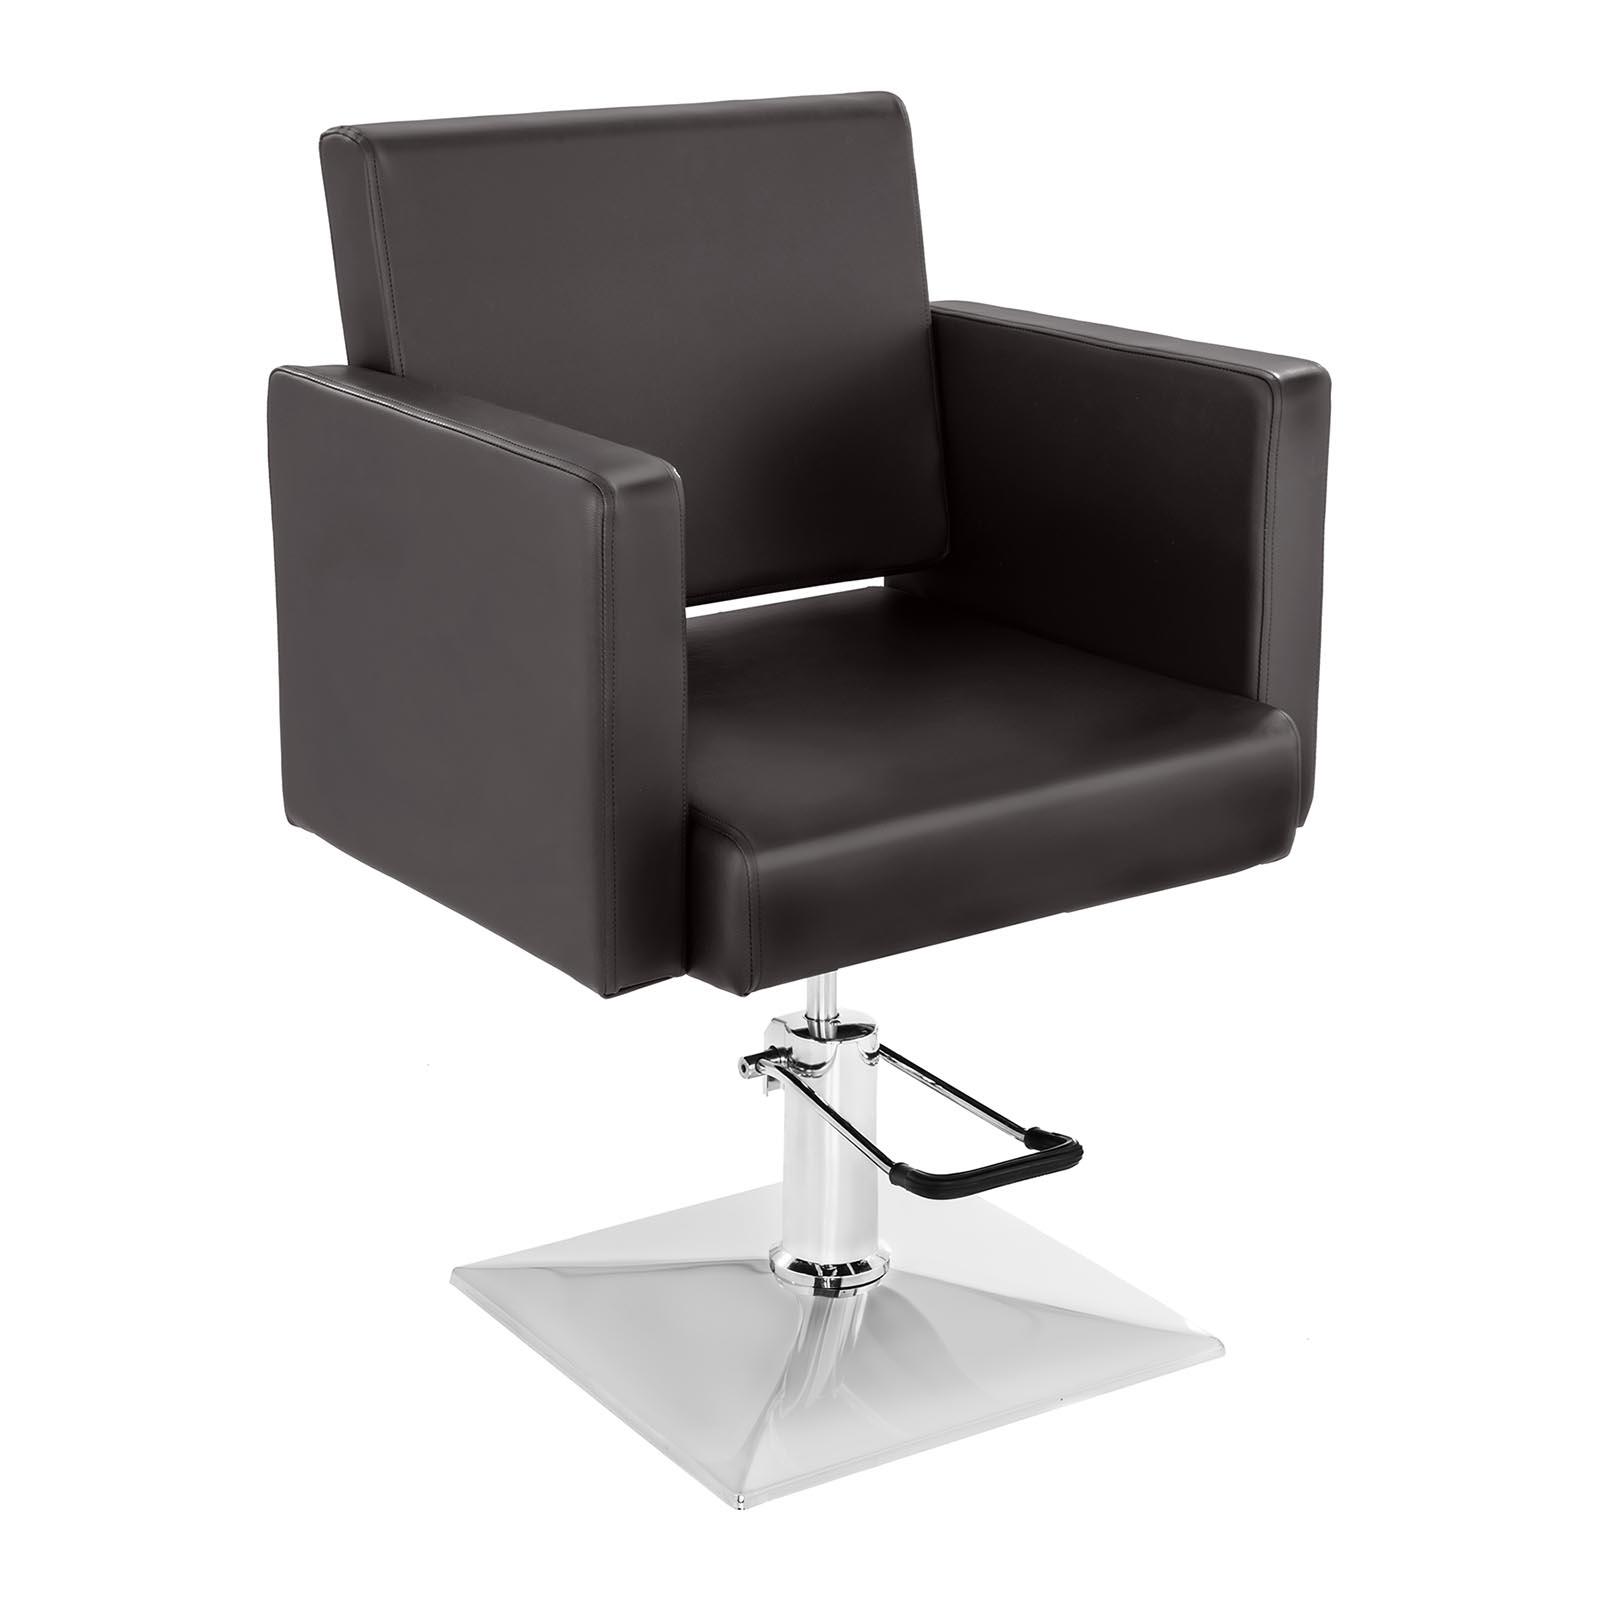 Fotel fryzjerski Bedford - brązowy - 200 kg